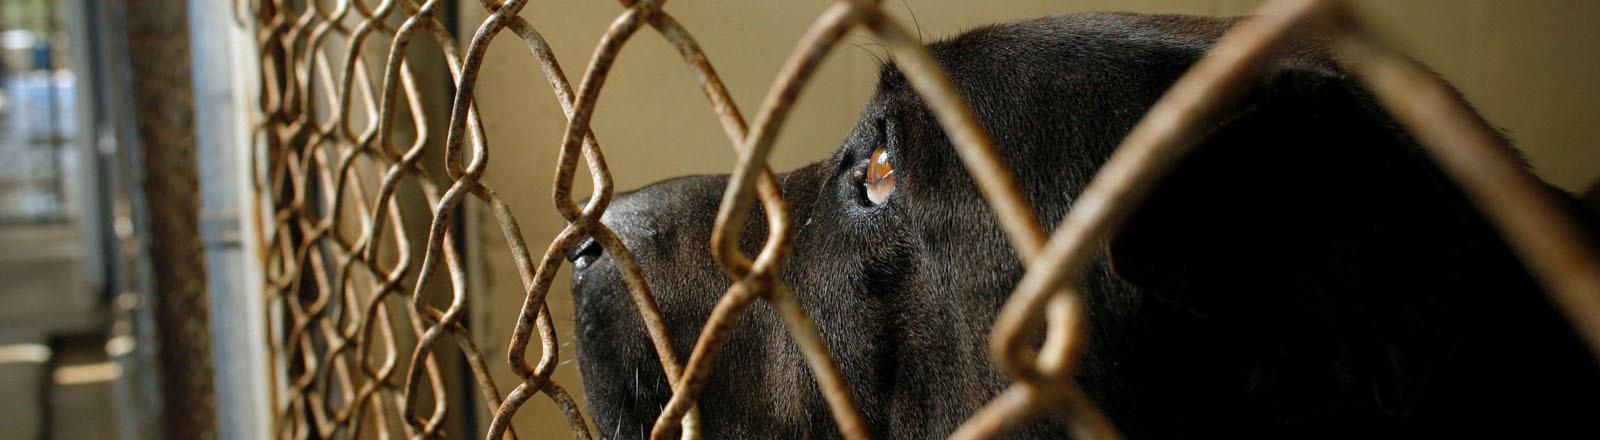 Ein schwarzer Bulldoggen-Mischling in einem Käfig.